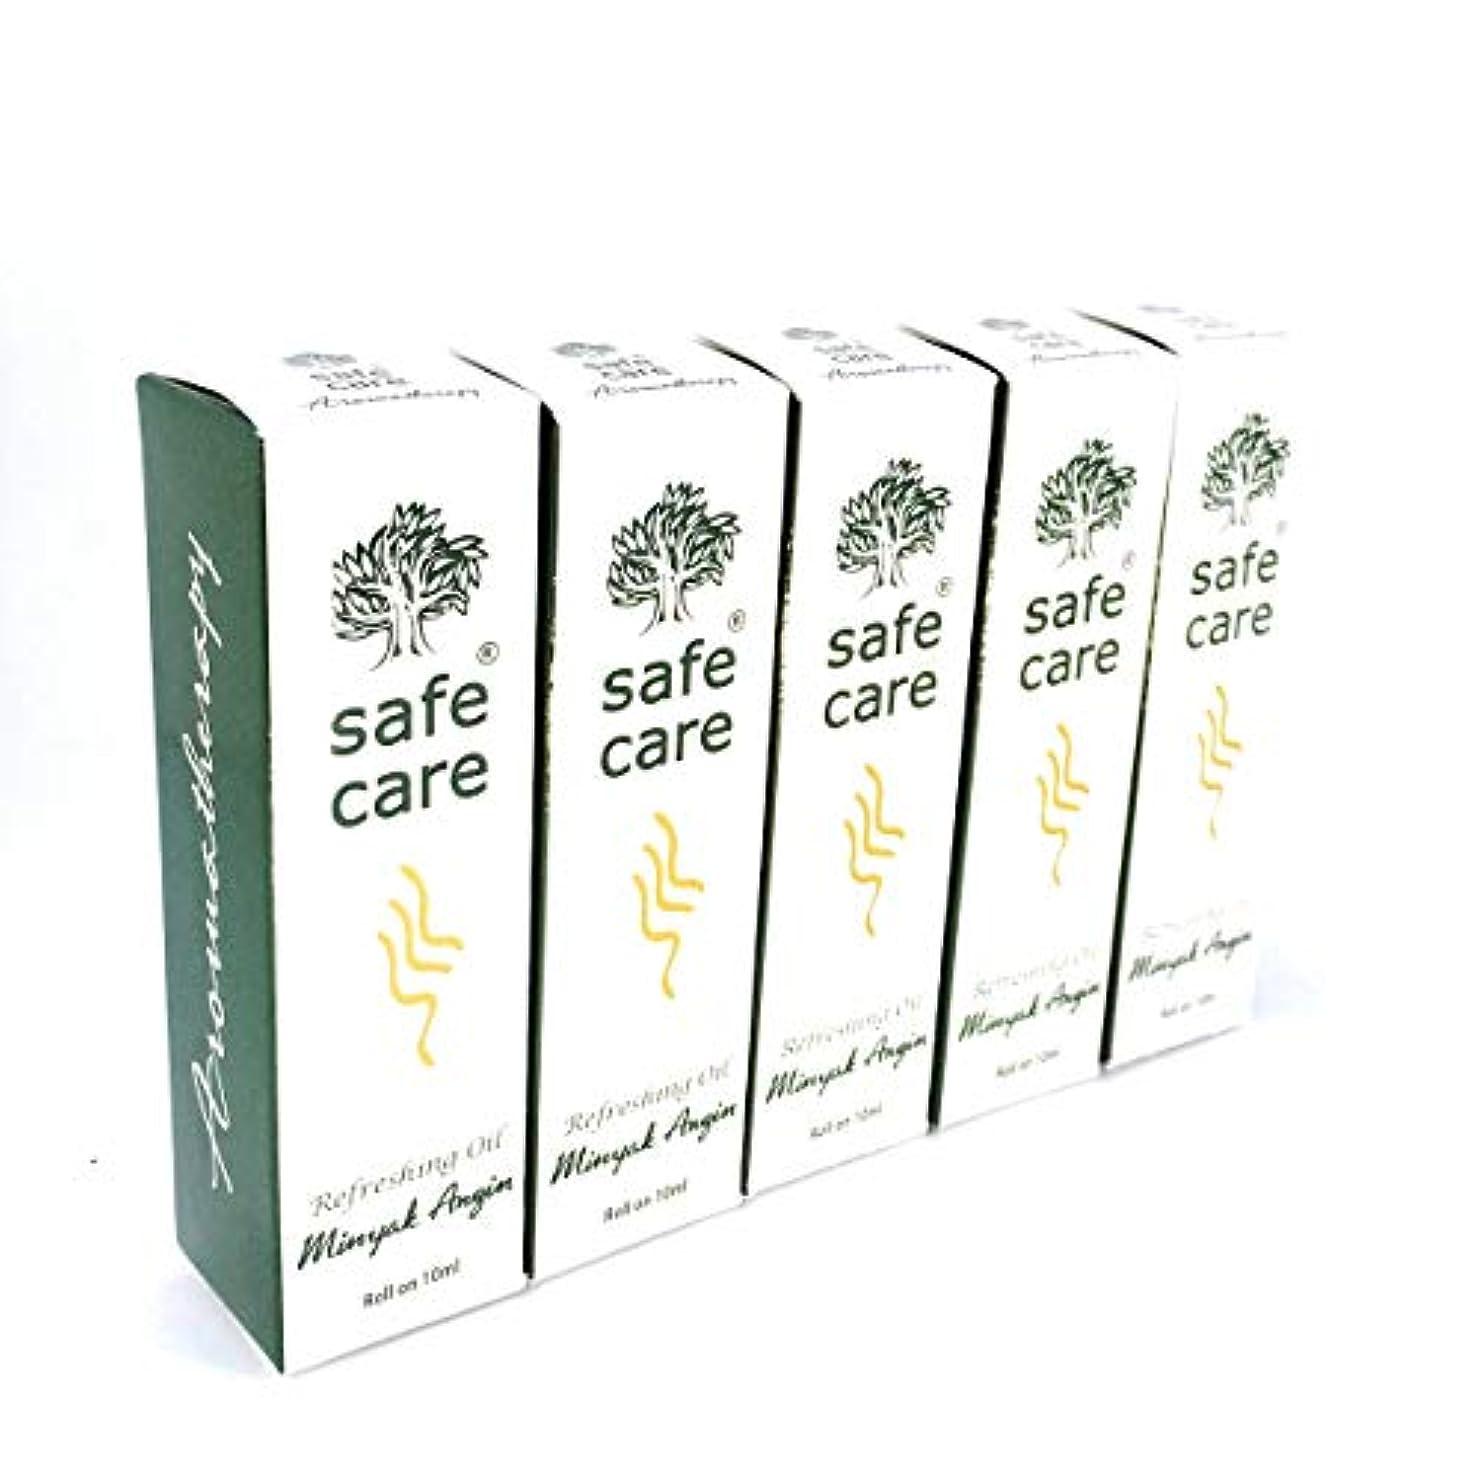 ブーム縁石君主制Safe Care セイフケア Aromatherapy Refreshing Oil アロマテラピー リフレッシュオイル ロールオン 10ml × 5本セット [並行輸入品][海外直送品]